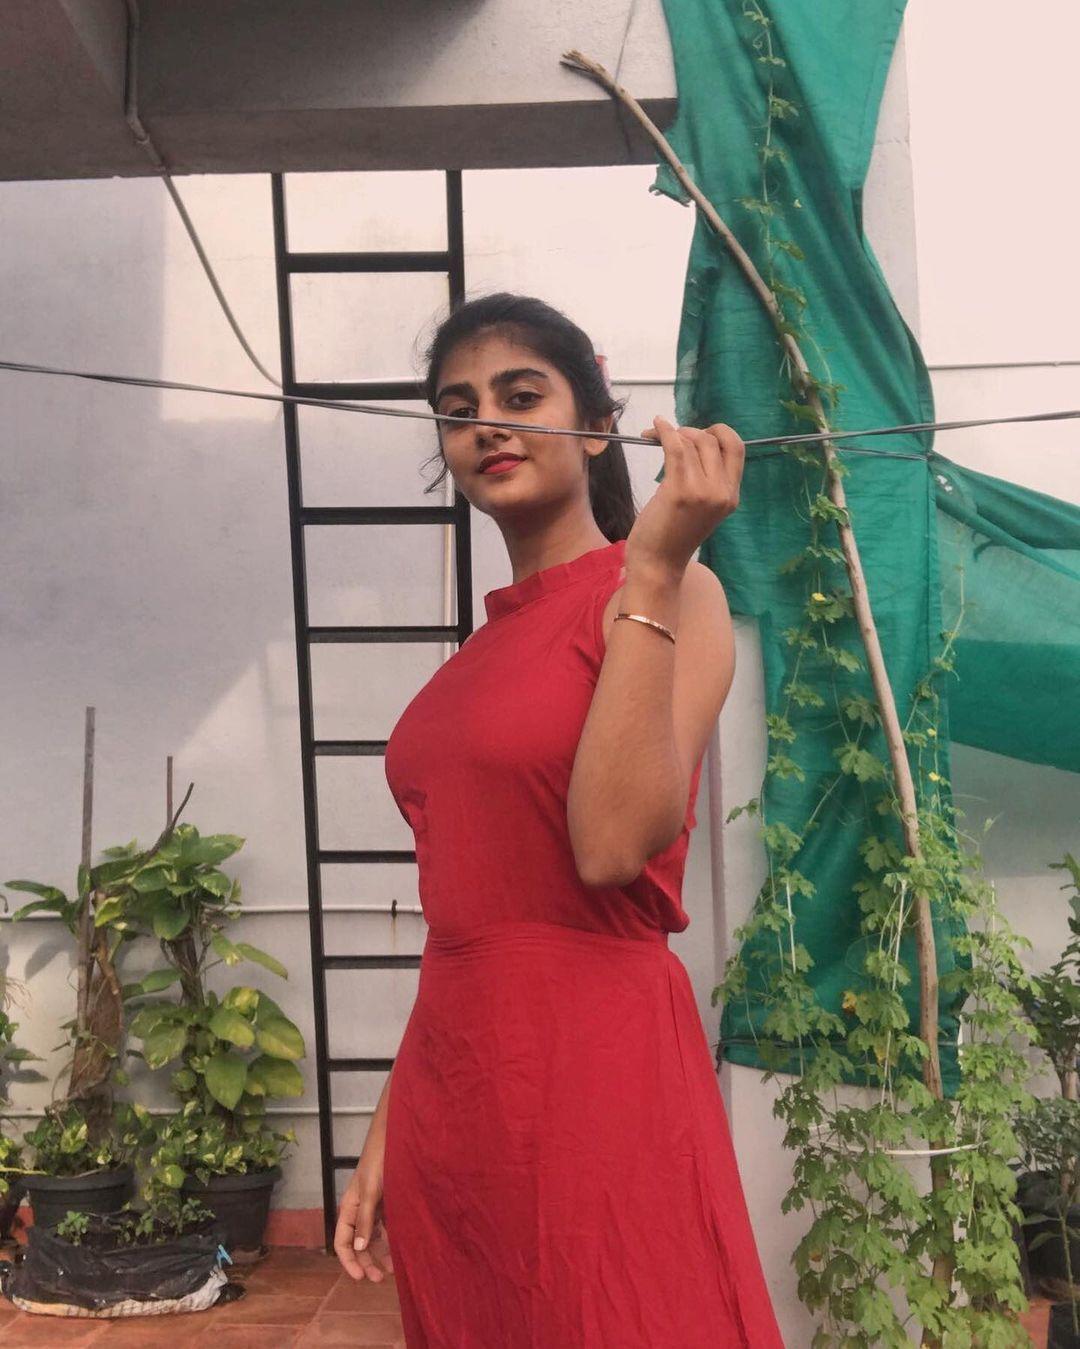 இது செம...பிக் பாஸ் கேப்ரியெல்லாவின் ஹாட் போட்டோஸ்!